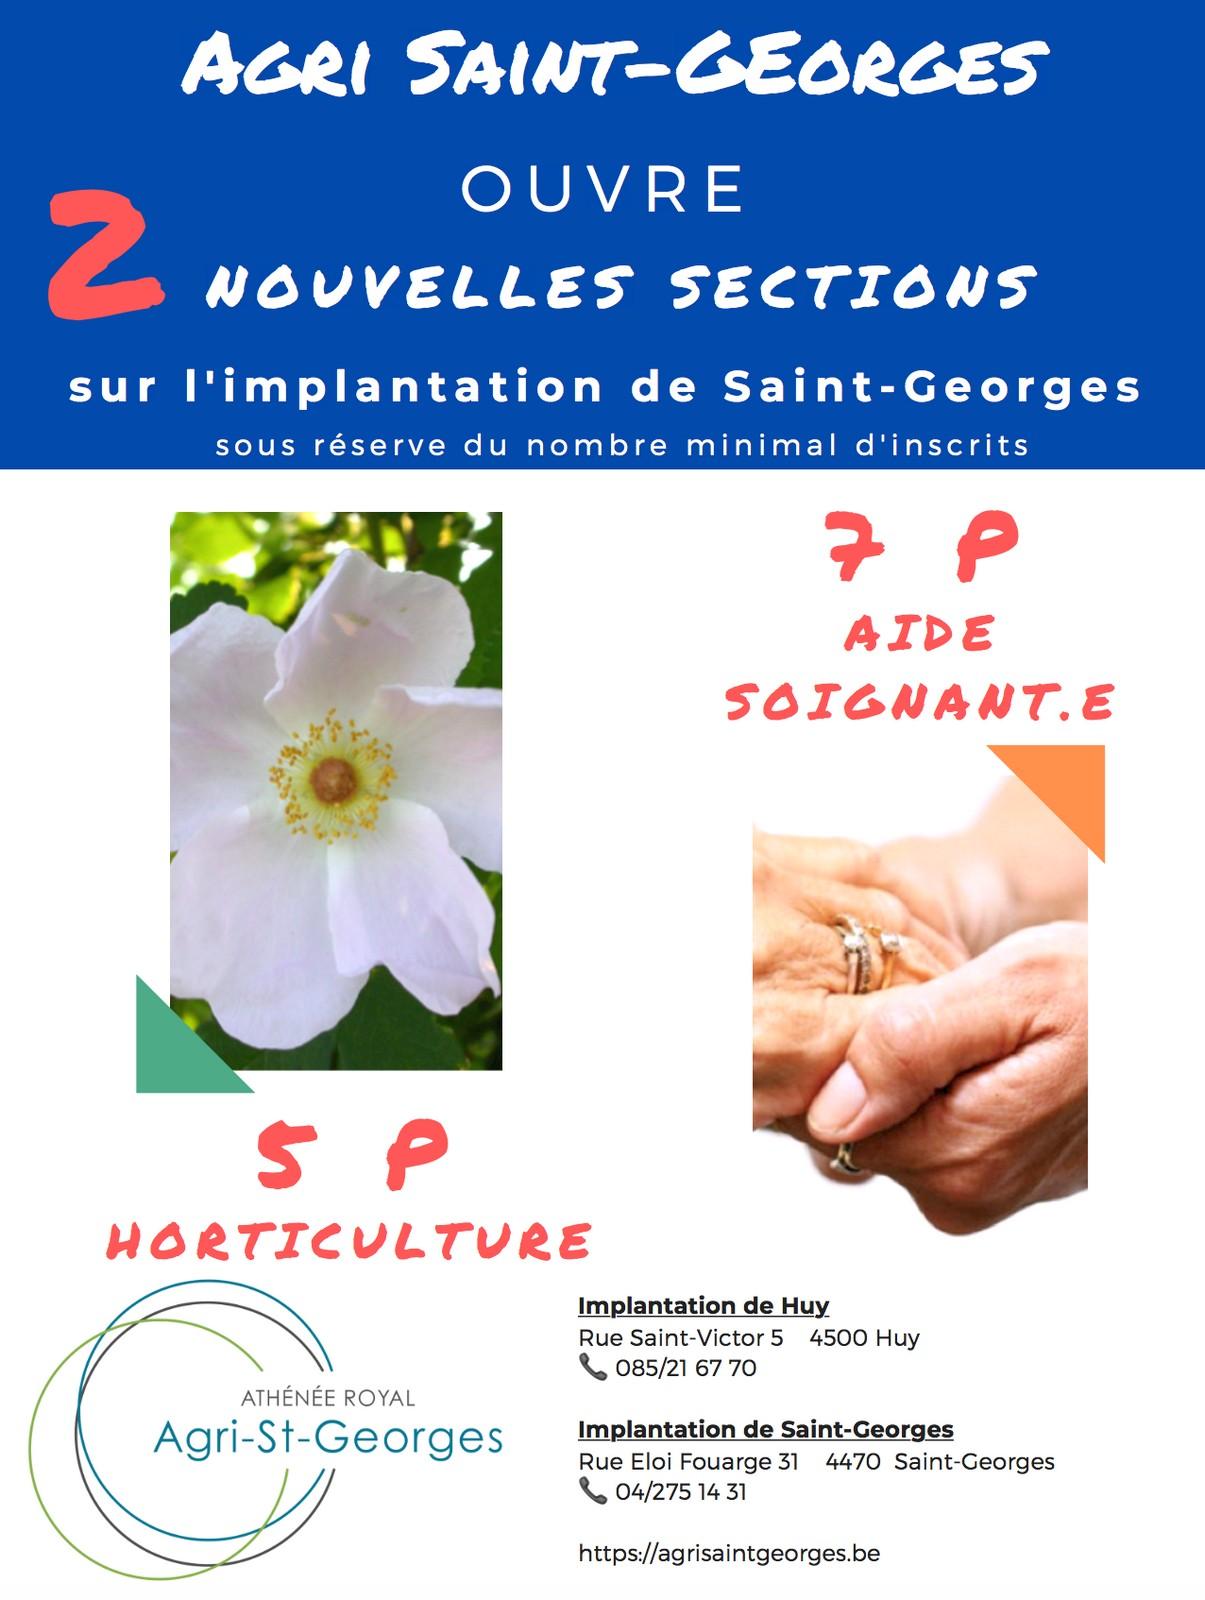 Agri Saint-Georges ouvre deux nouvelles sections